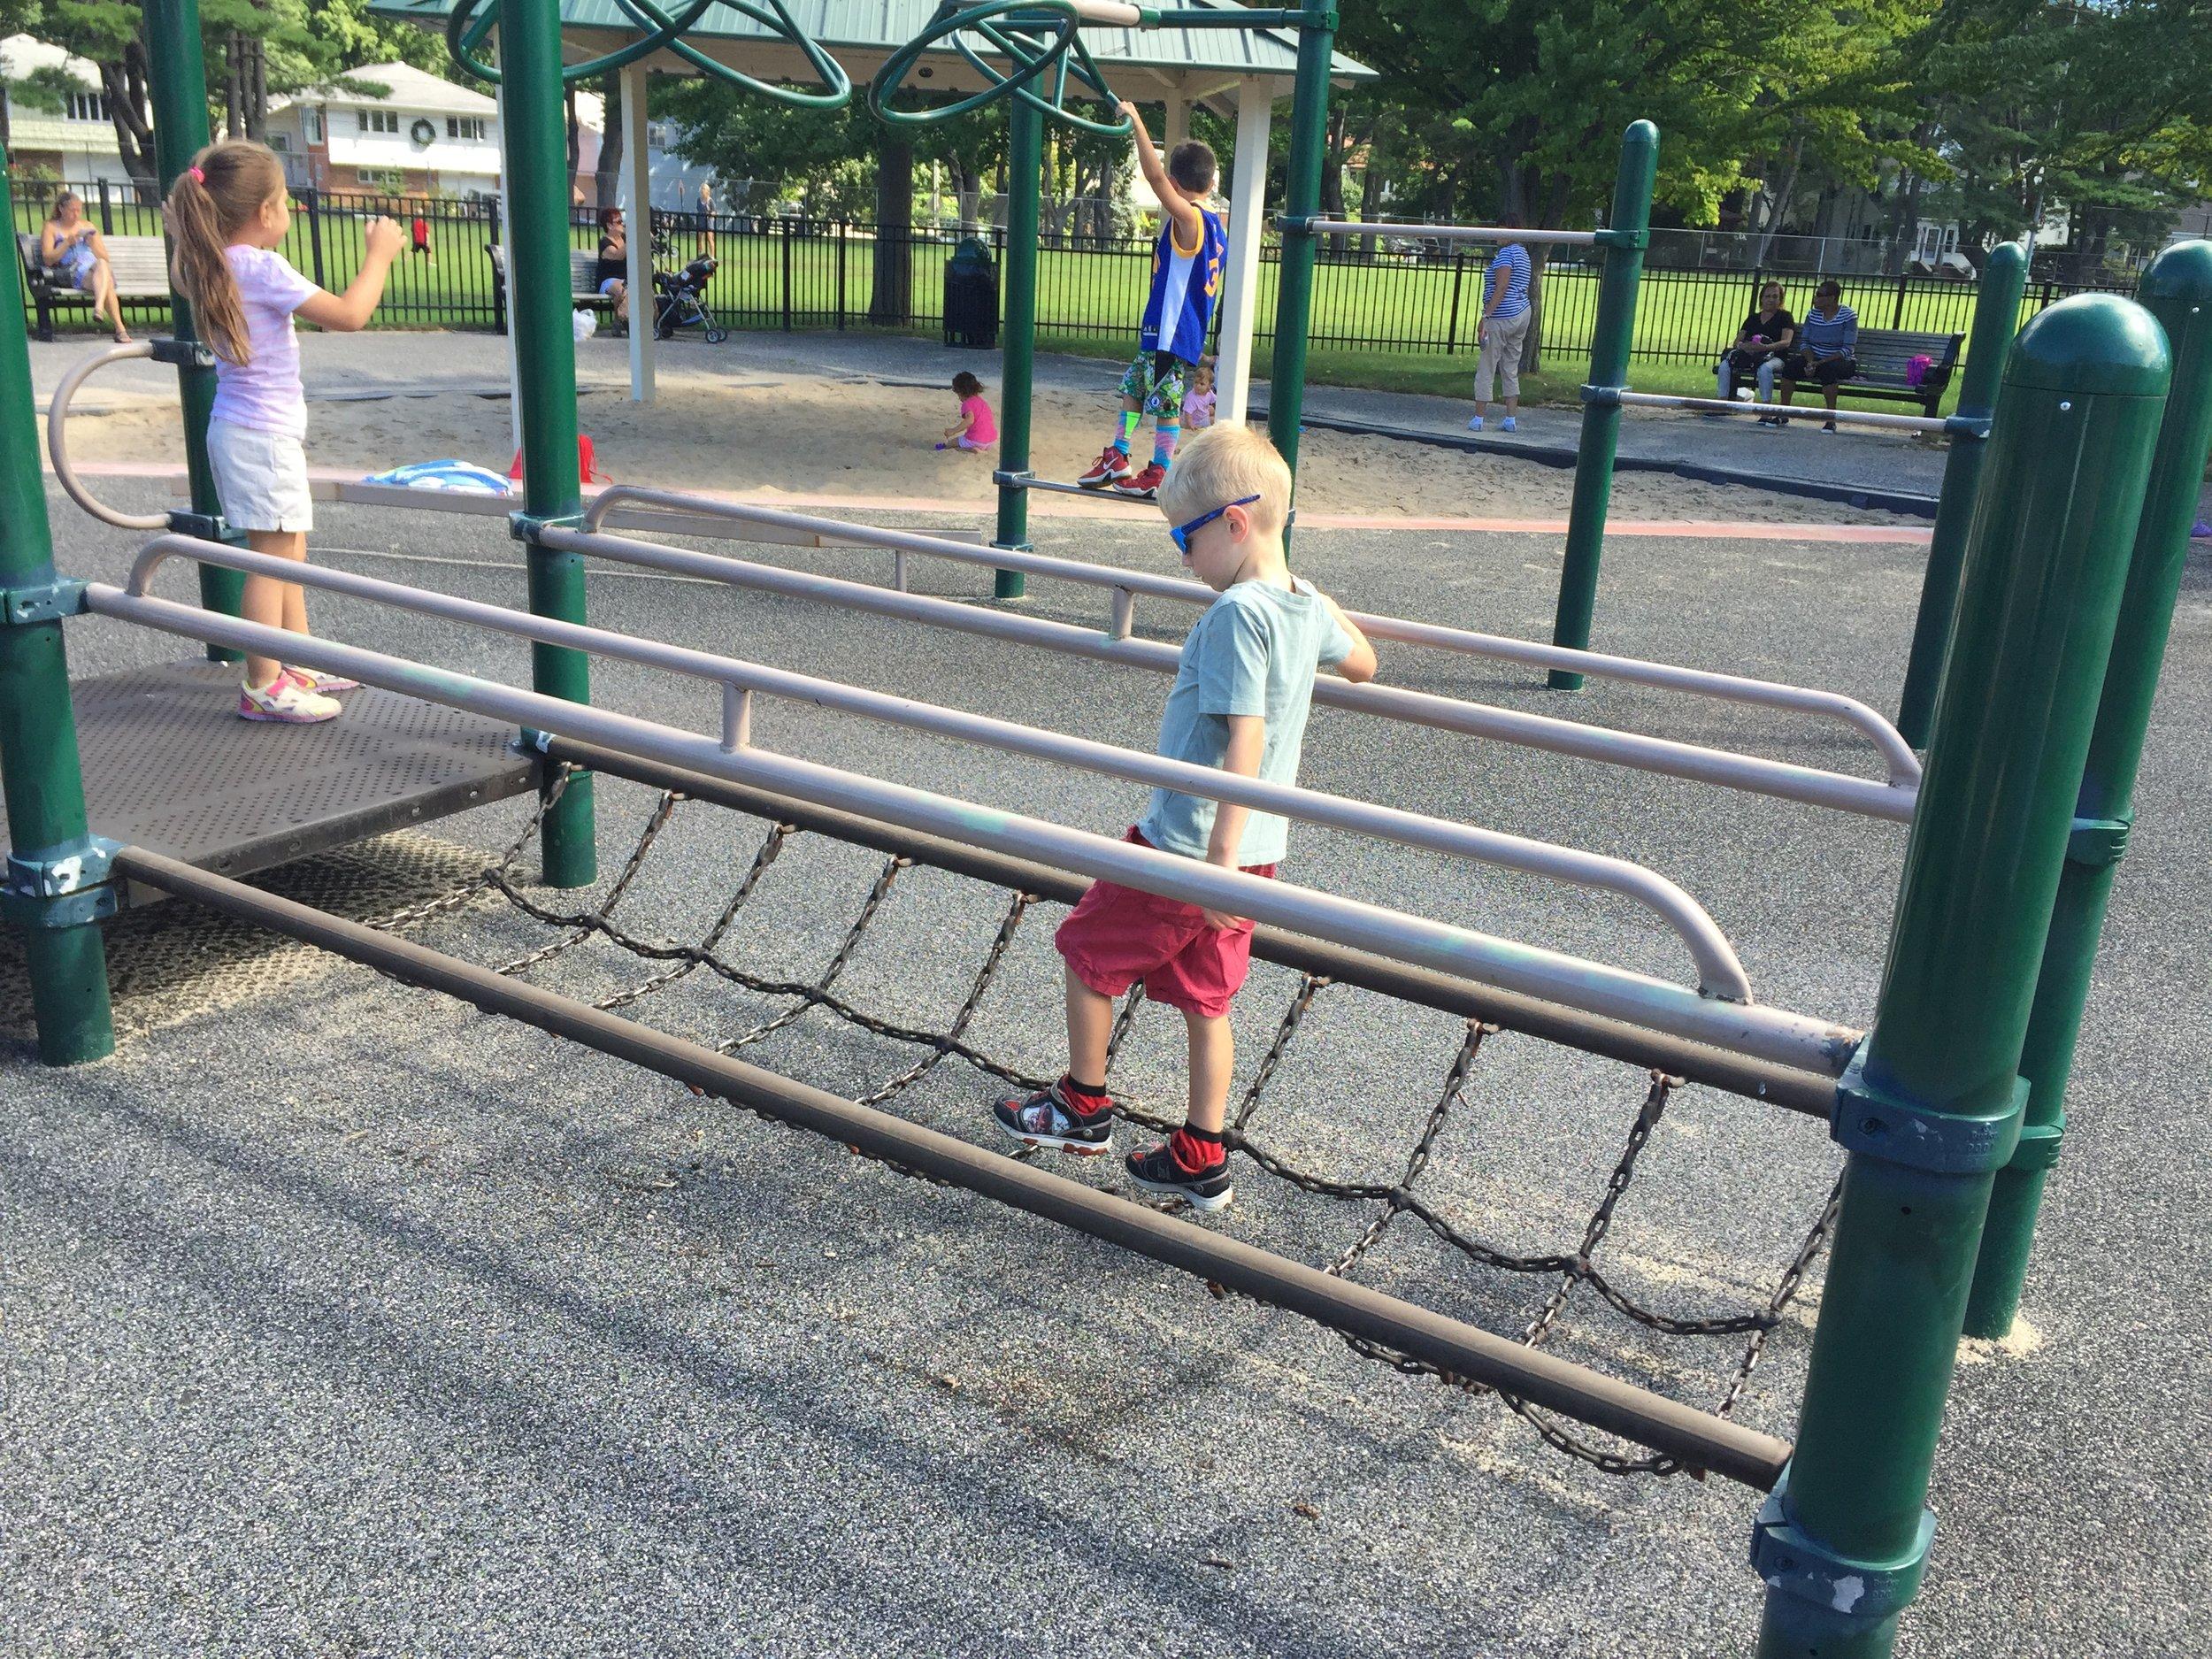 Playground at Heckscher Park